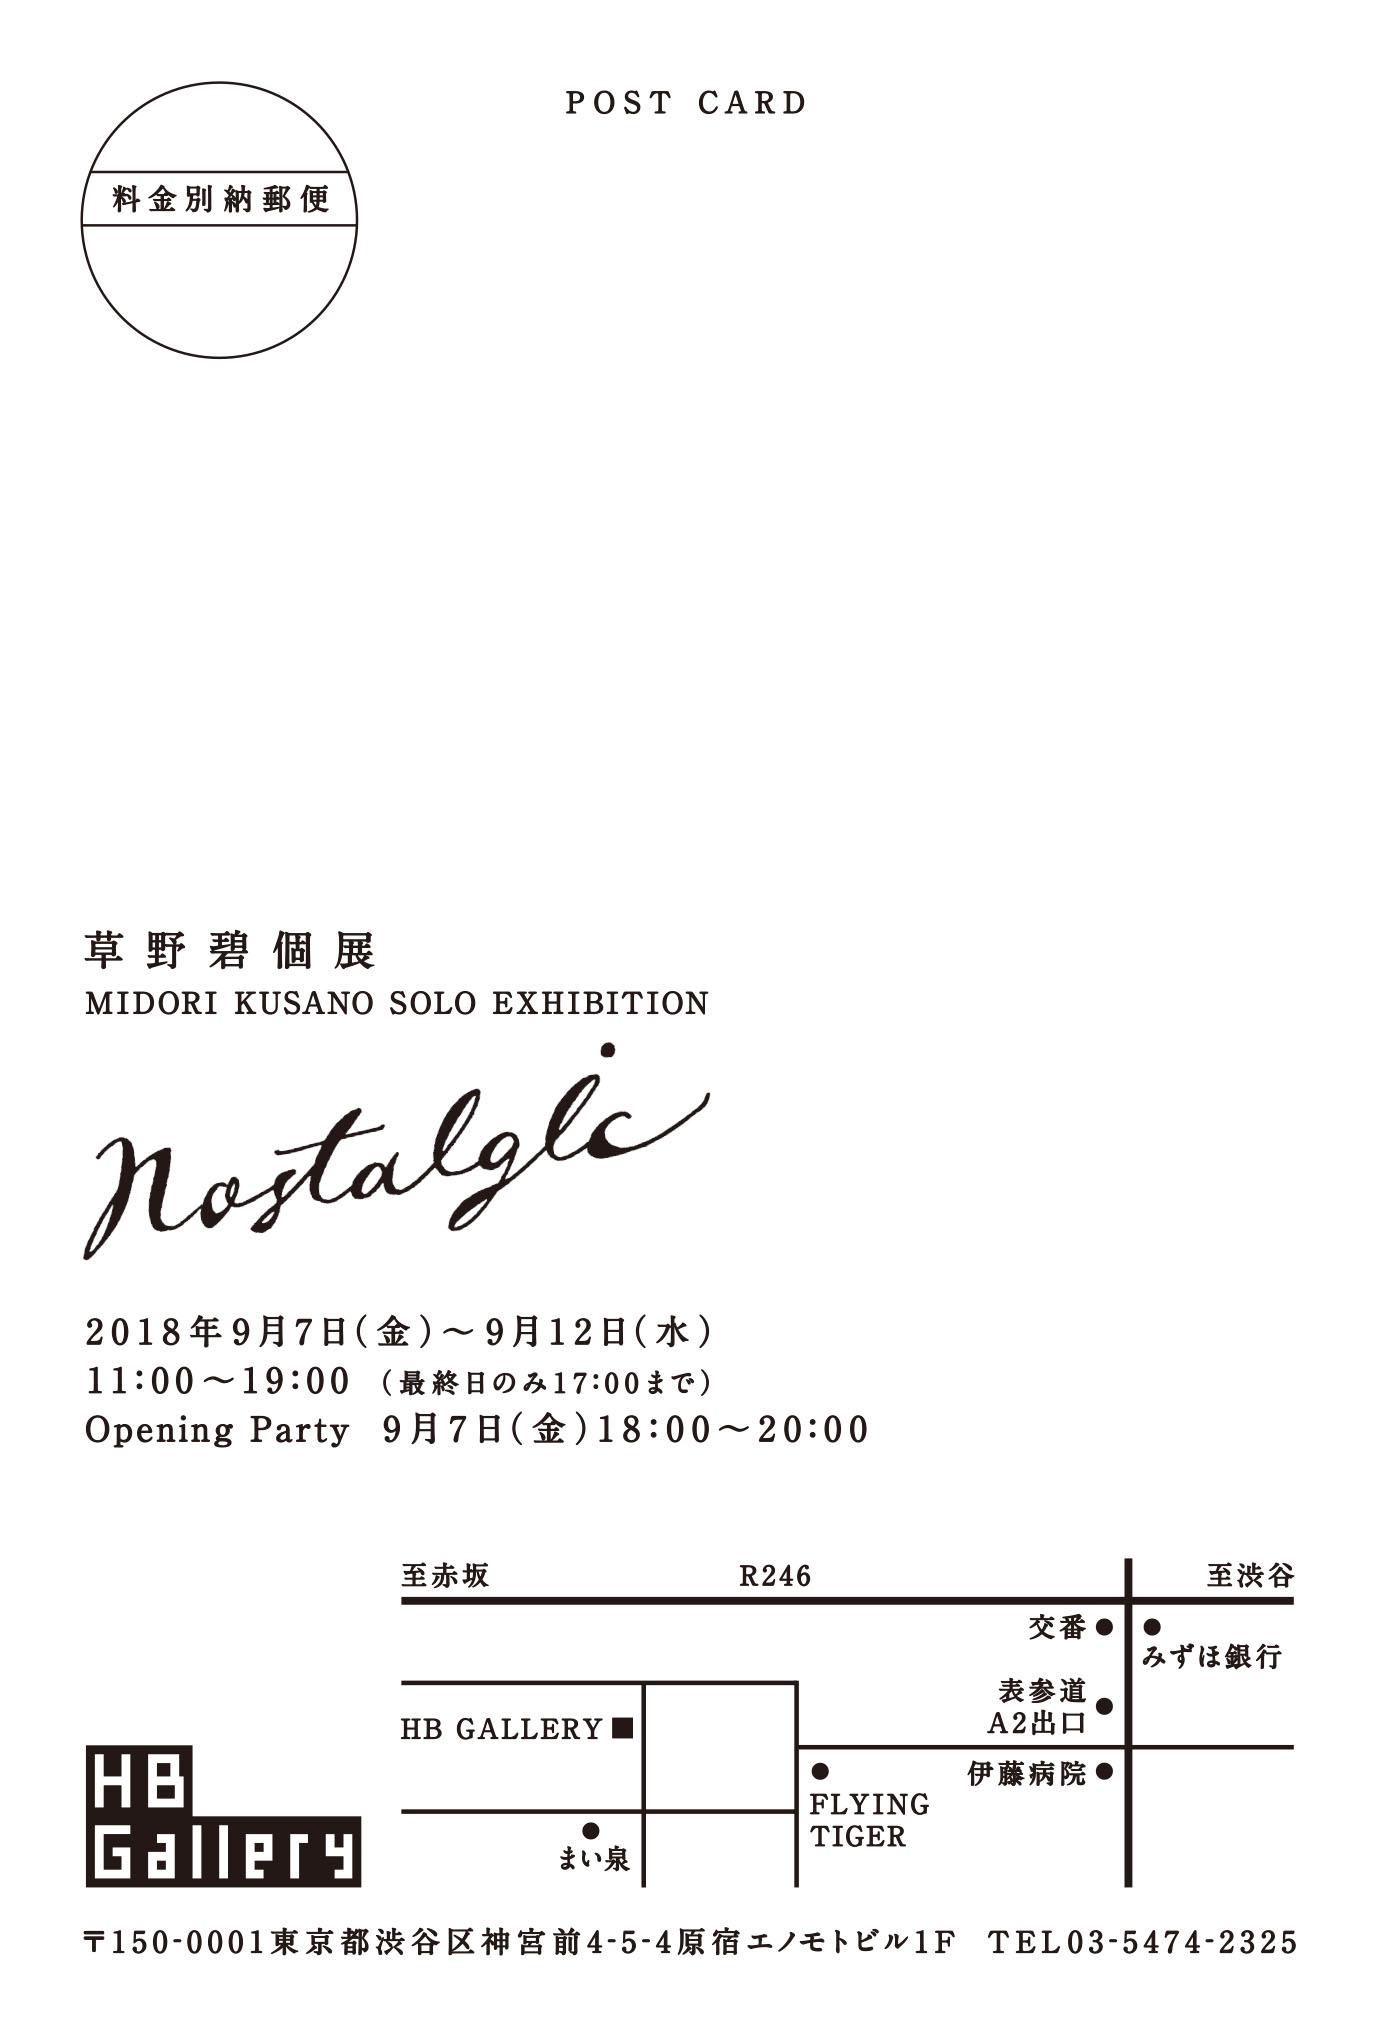 草野碧個展『Nostalgic』@HBギャラリー